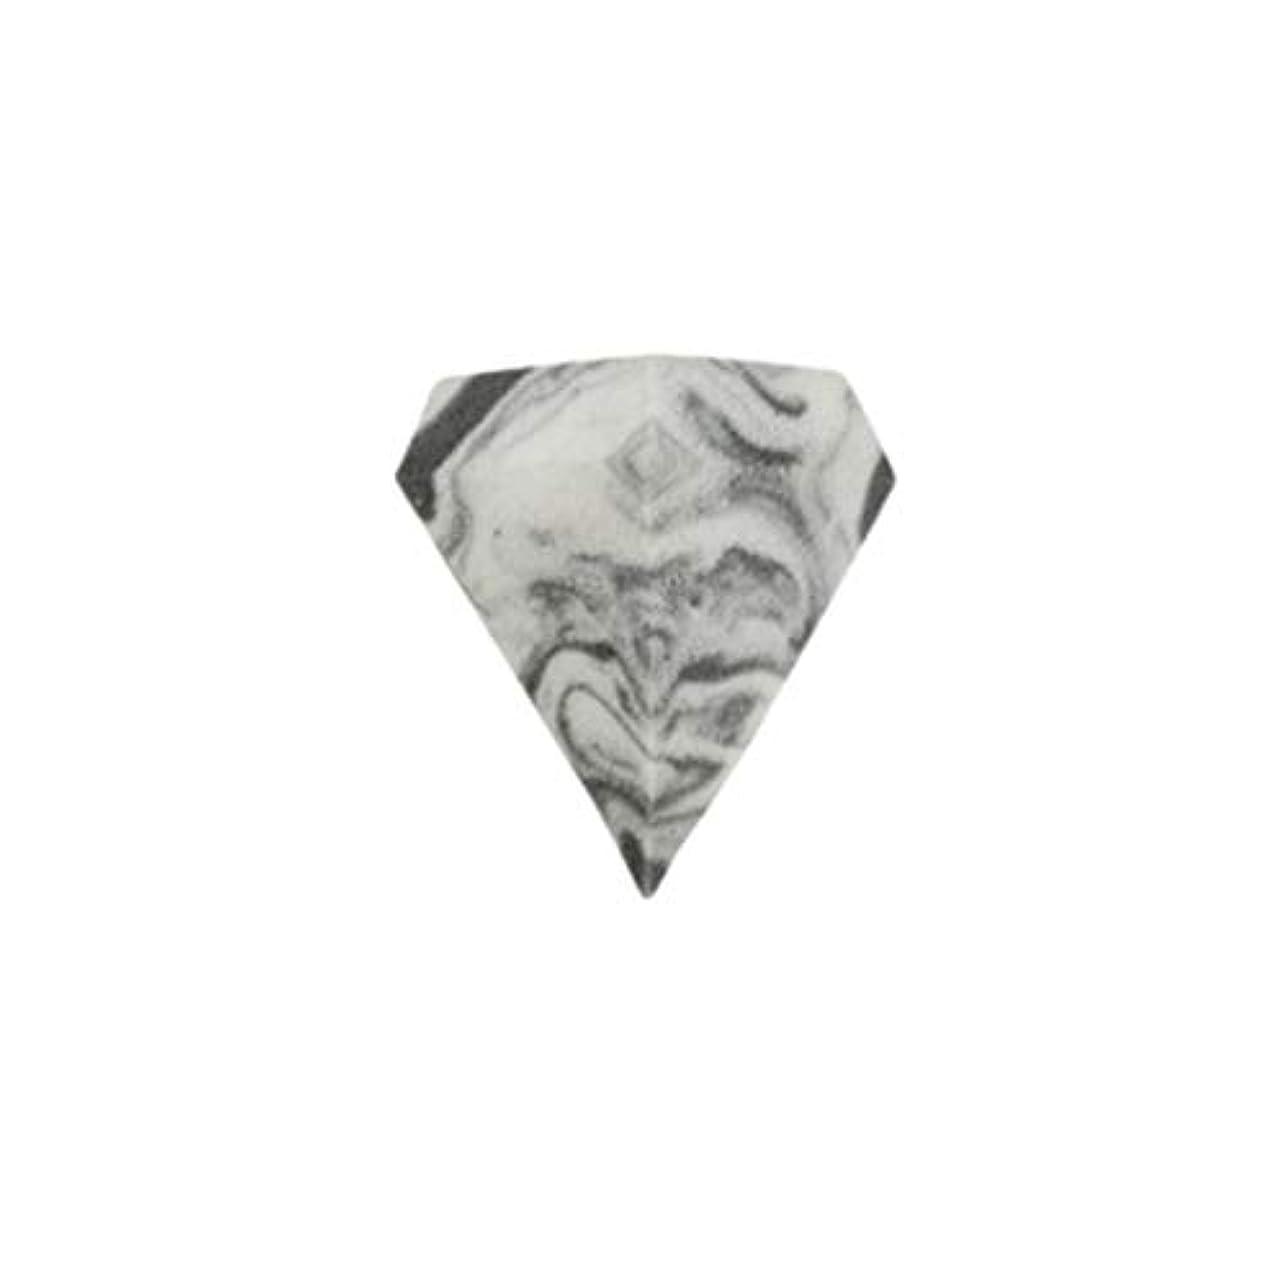 忌避剤以来比べる美のスポンジ、柔らかいダイヤモンド形の構造の混合物の基礎スポンジ